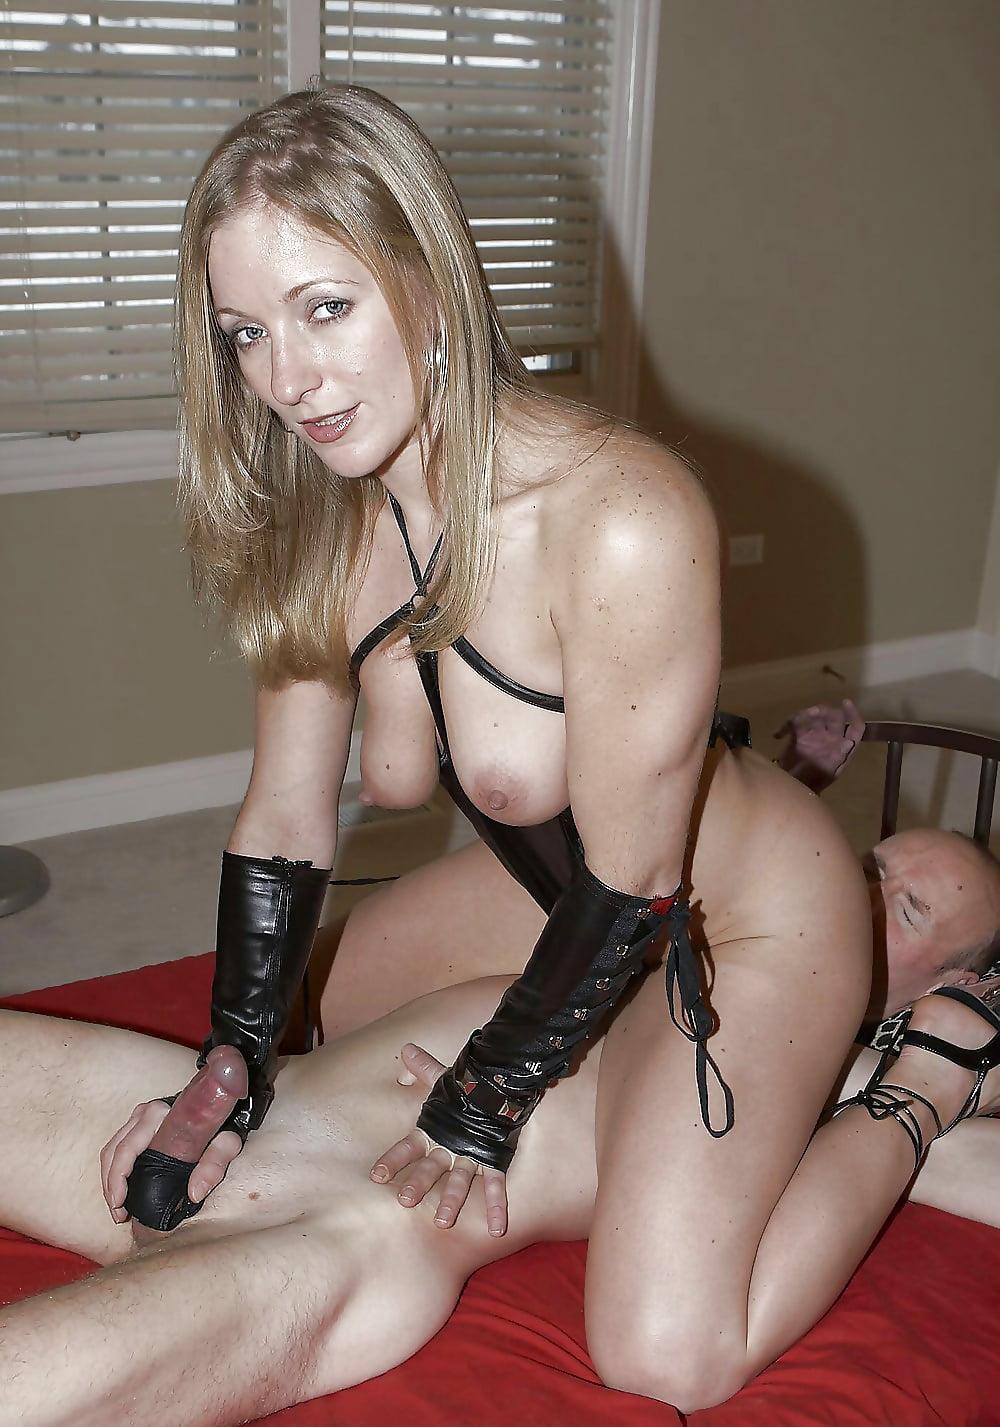 Nude rope bondage free amateur femdom